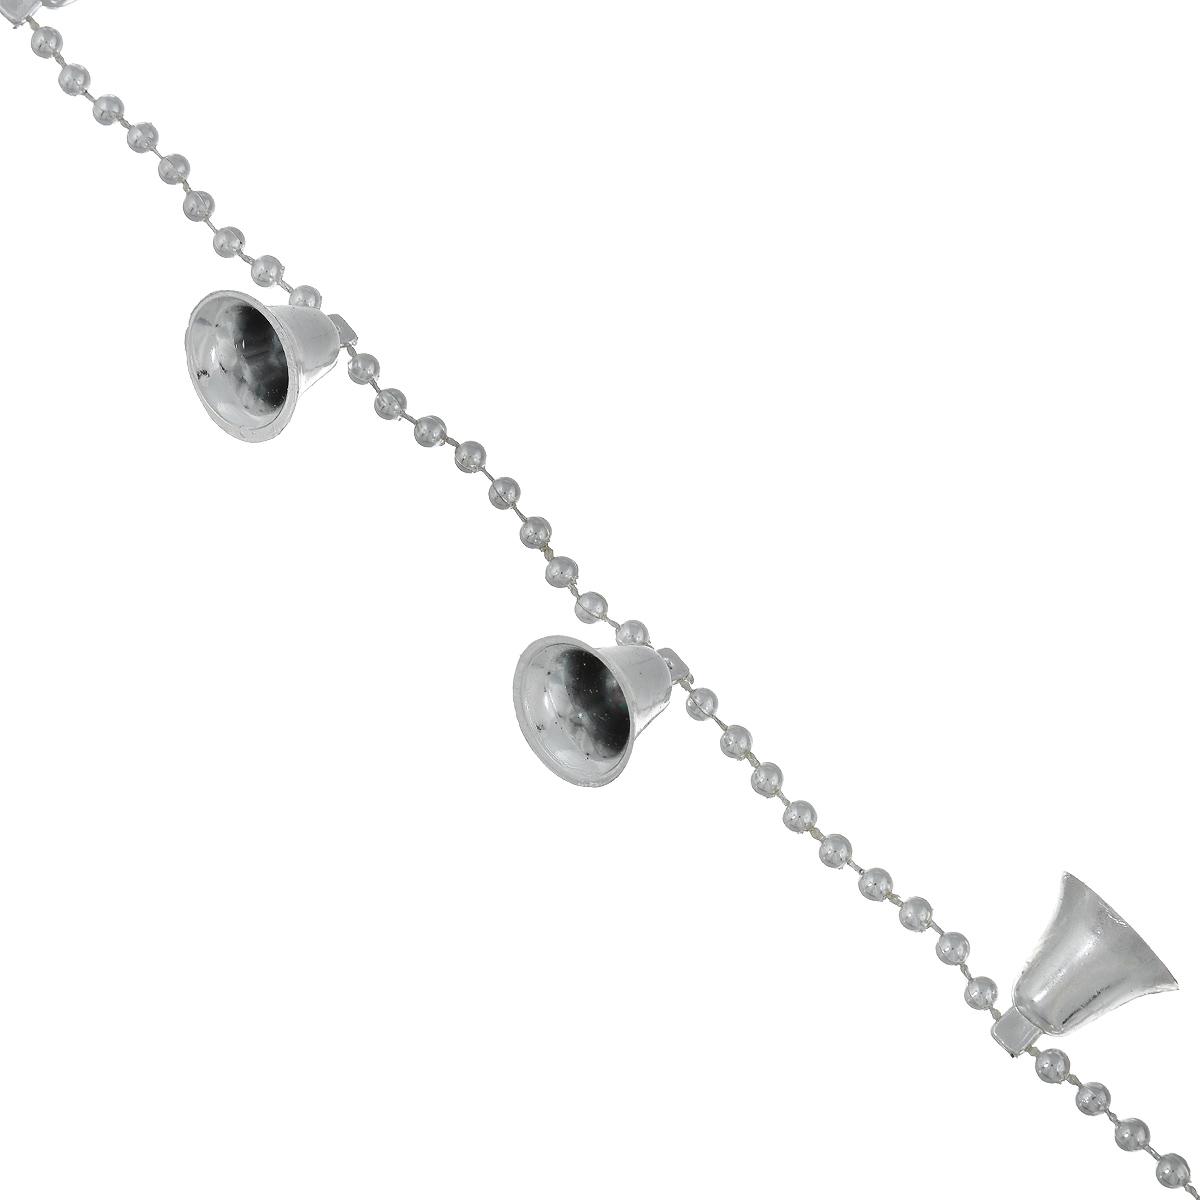 Новогодняя гирлянда Феникс-презент Колокольчики, цвет: серебристый, 2,7 м феникс презент